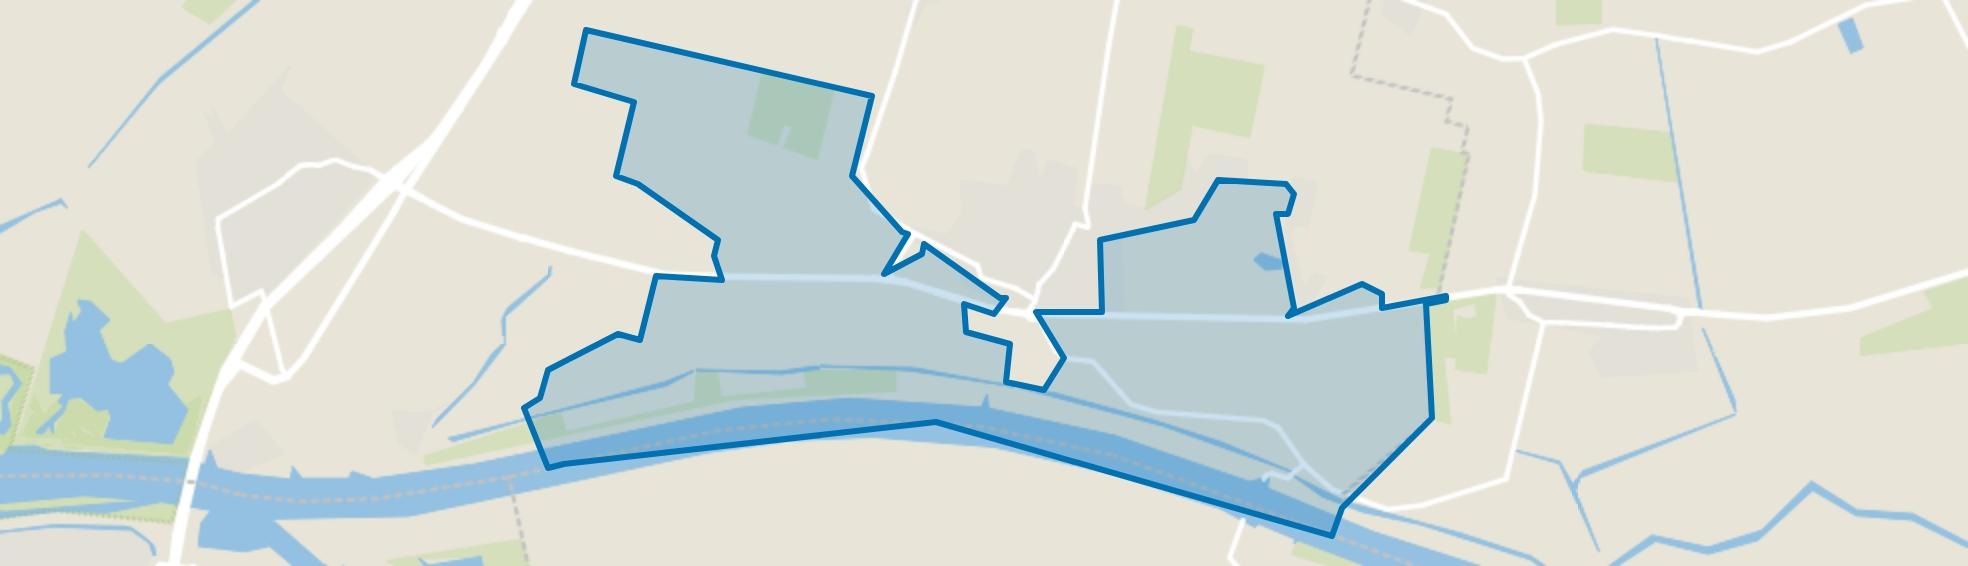 Buitengebied Dussen zuid, Dussen map